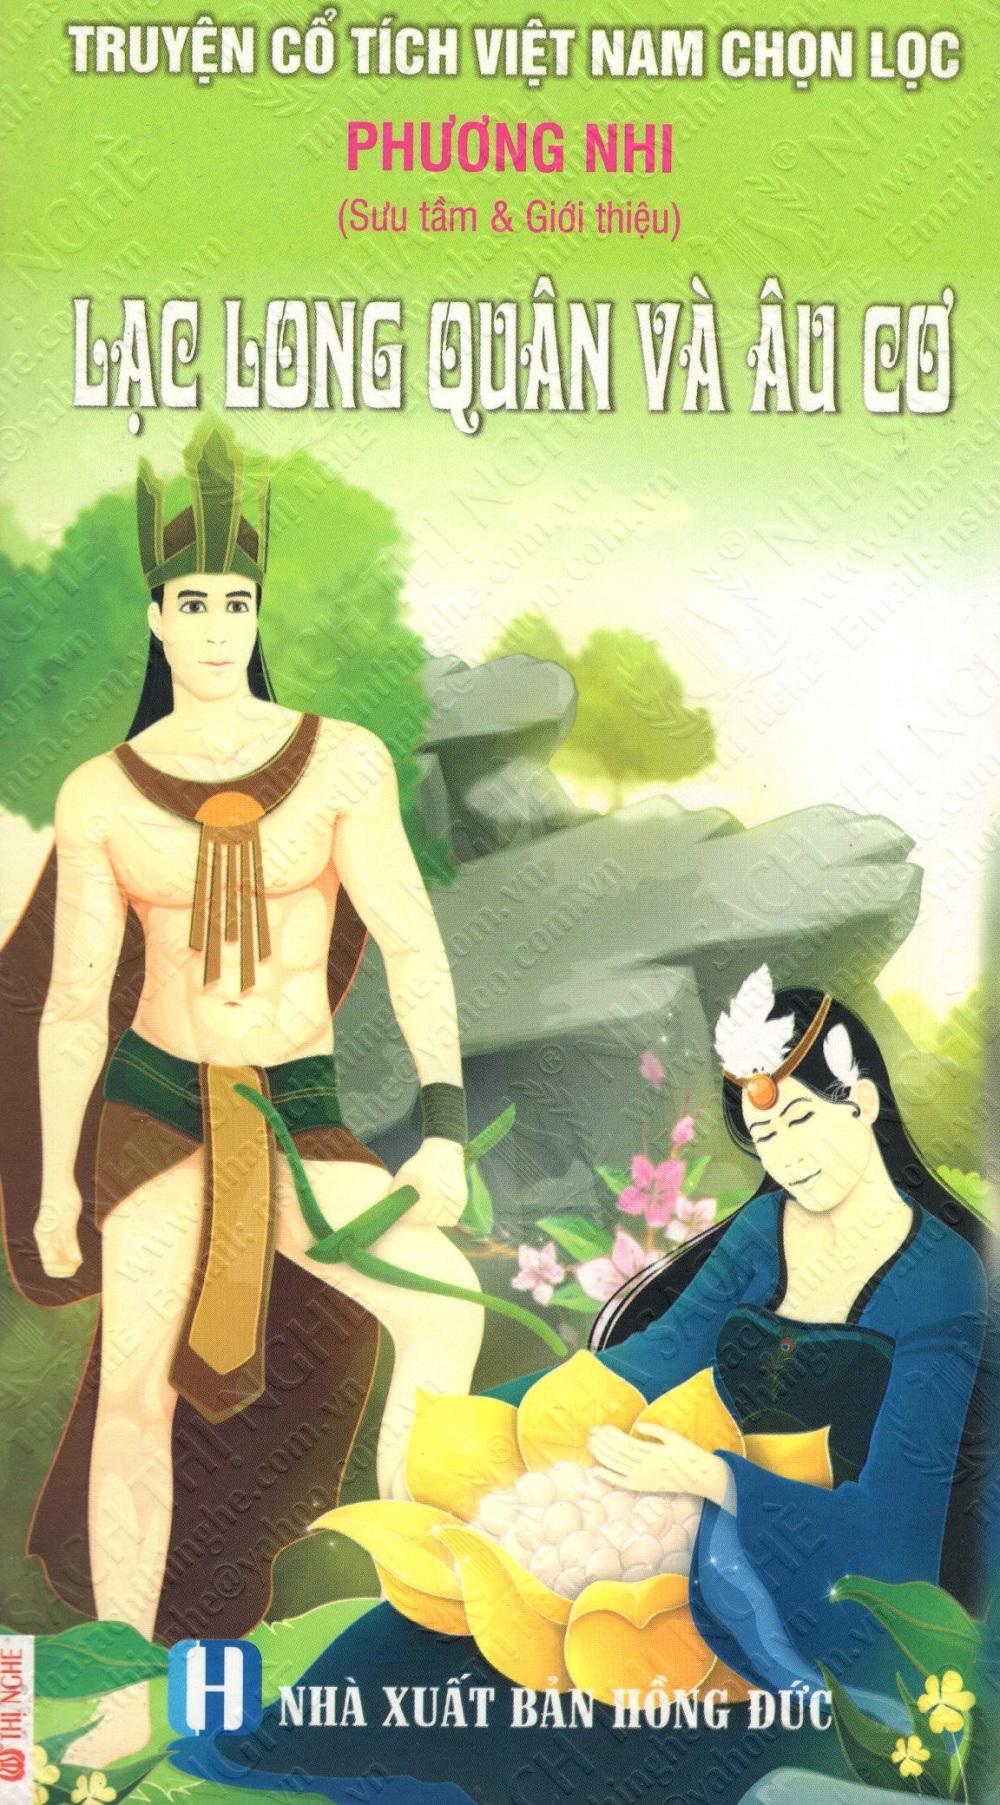 Bìa sách Truyện Cổ Tích Việt Nam Chọn Lọc: Lạc Long Quân Và Âu Cơ